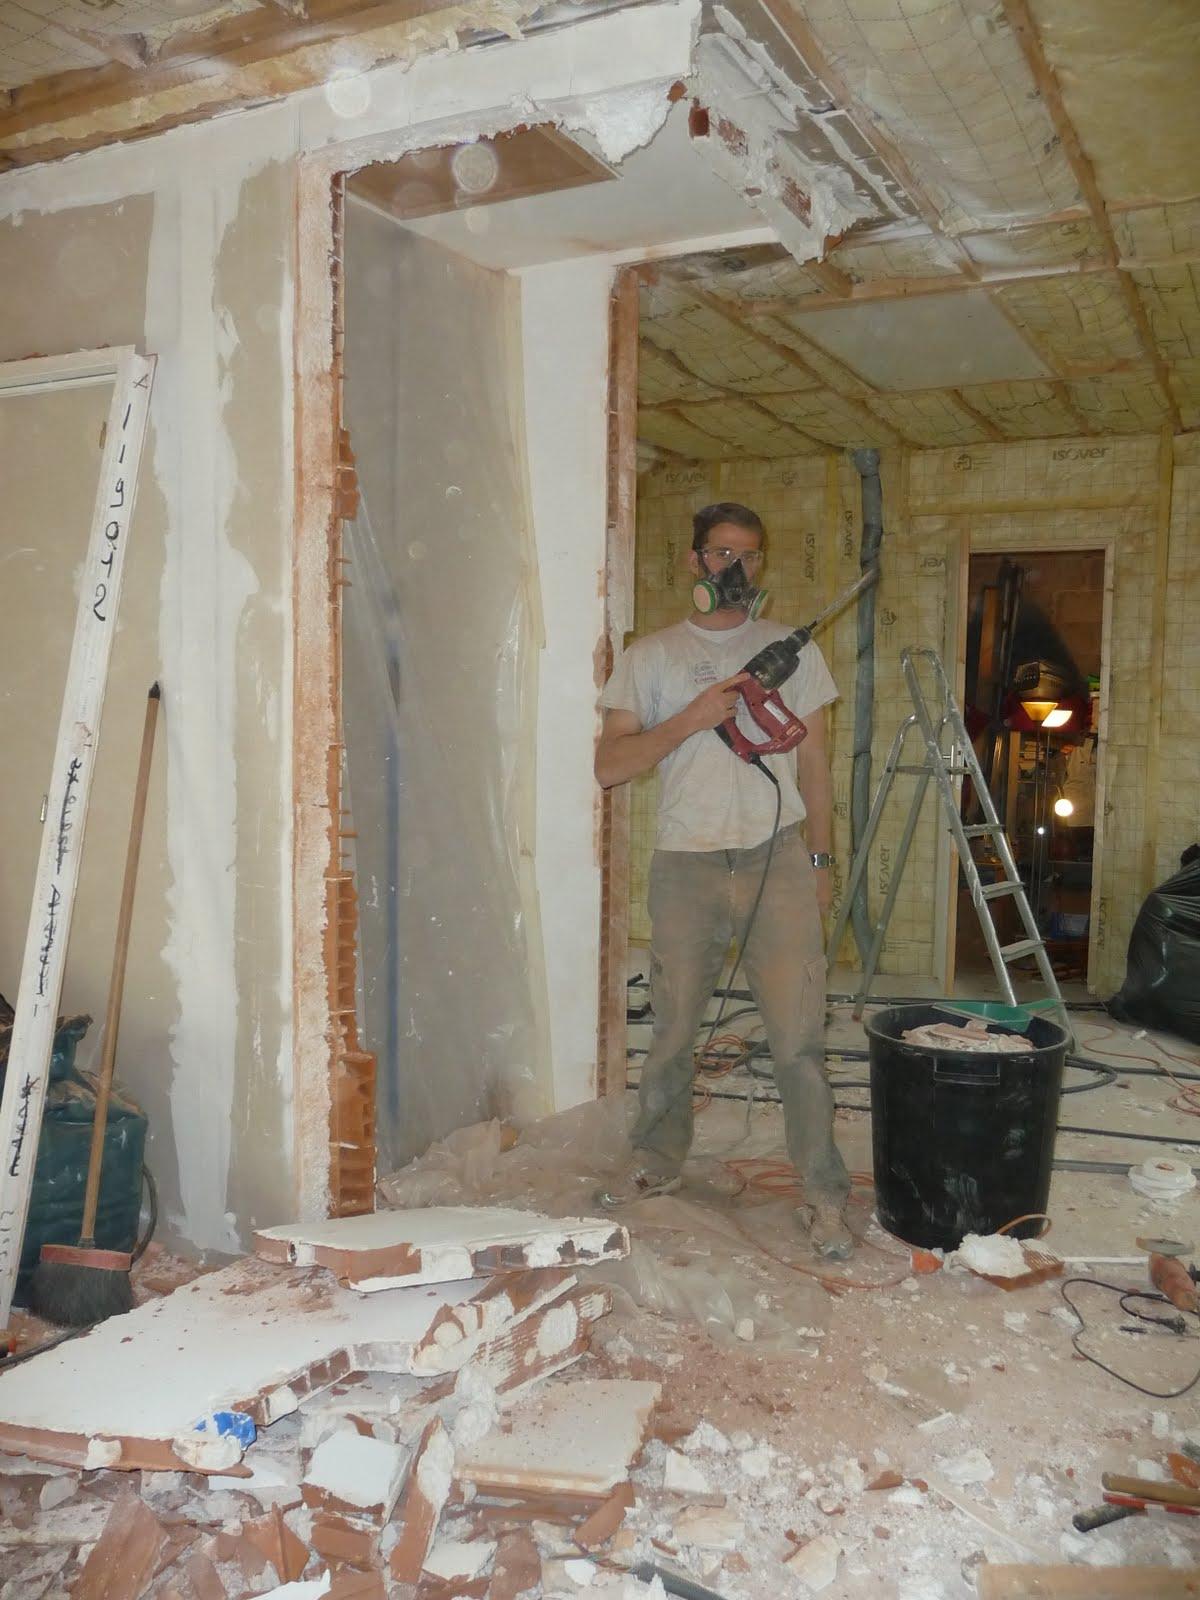 coic breizh week end je casse la cloison de la cage d 39 escalier. Black Bedroom Furniture Sets. Home Design Ideas